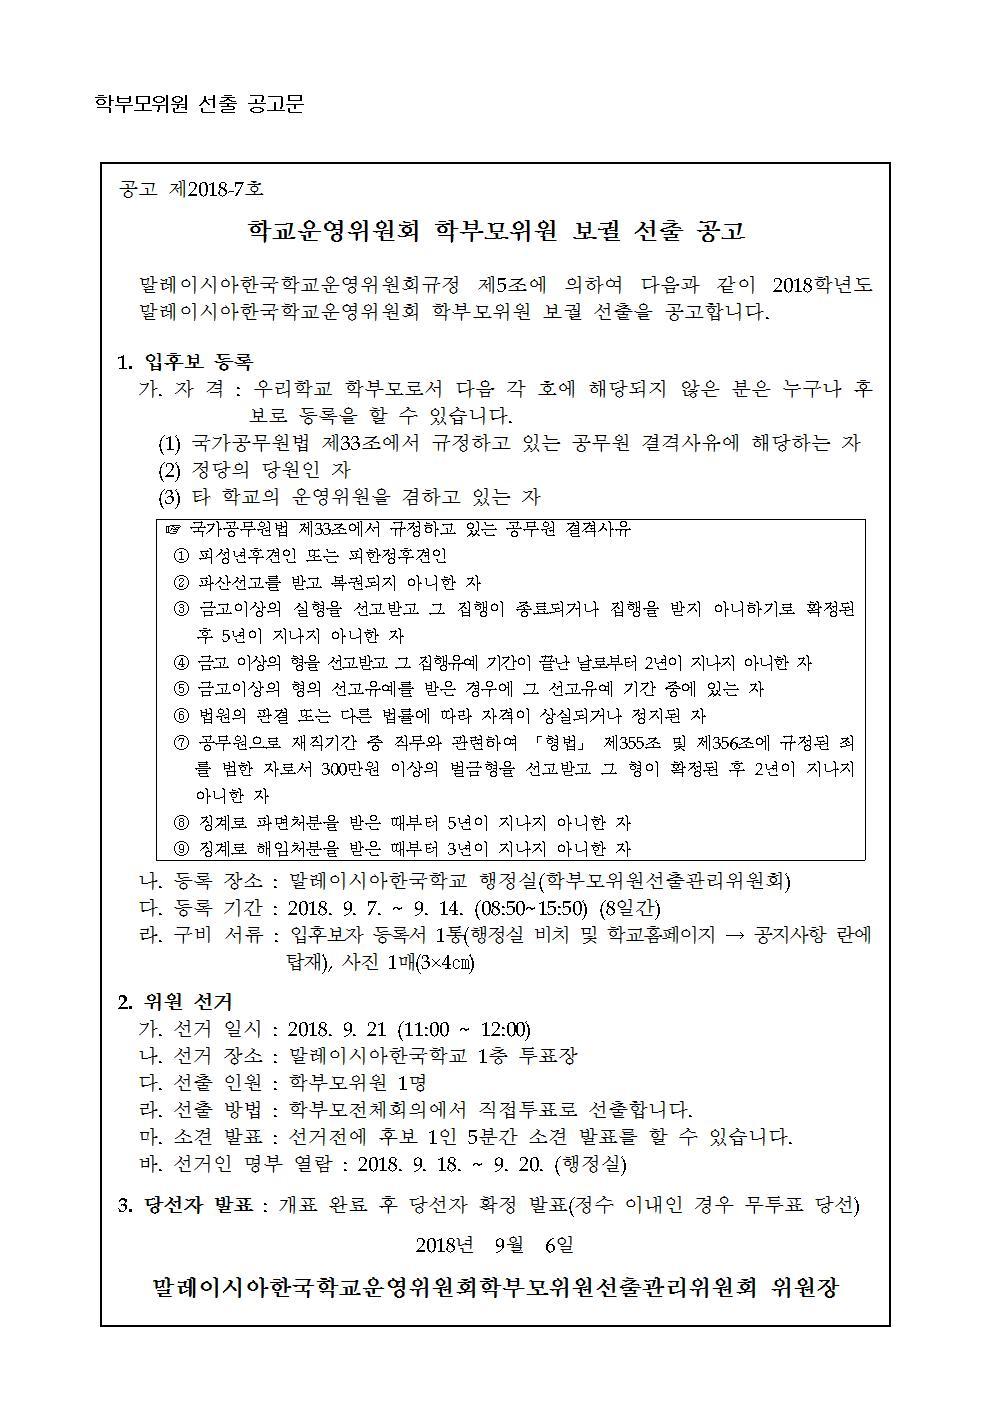 (가초-2018-40호)학교운영위원회재보궐선거홍보002.jpg